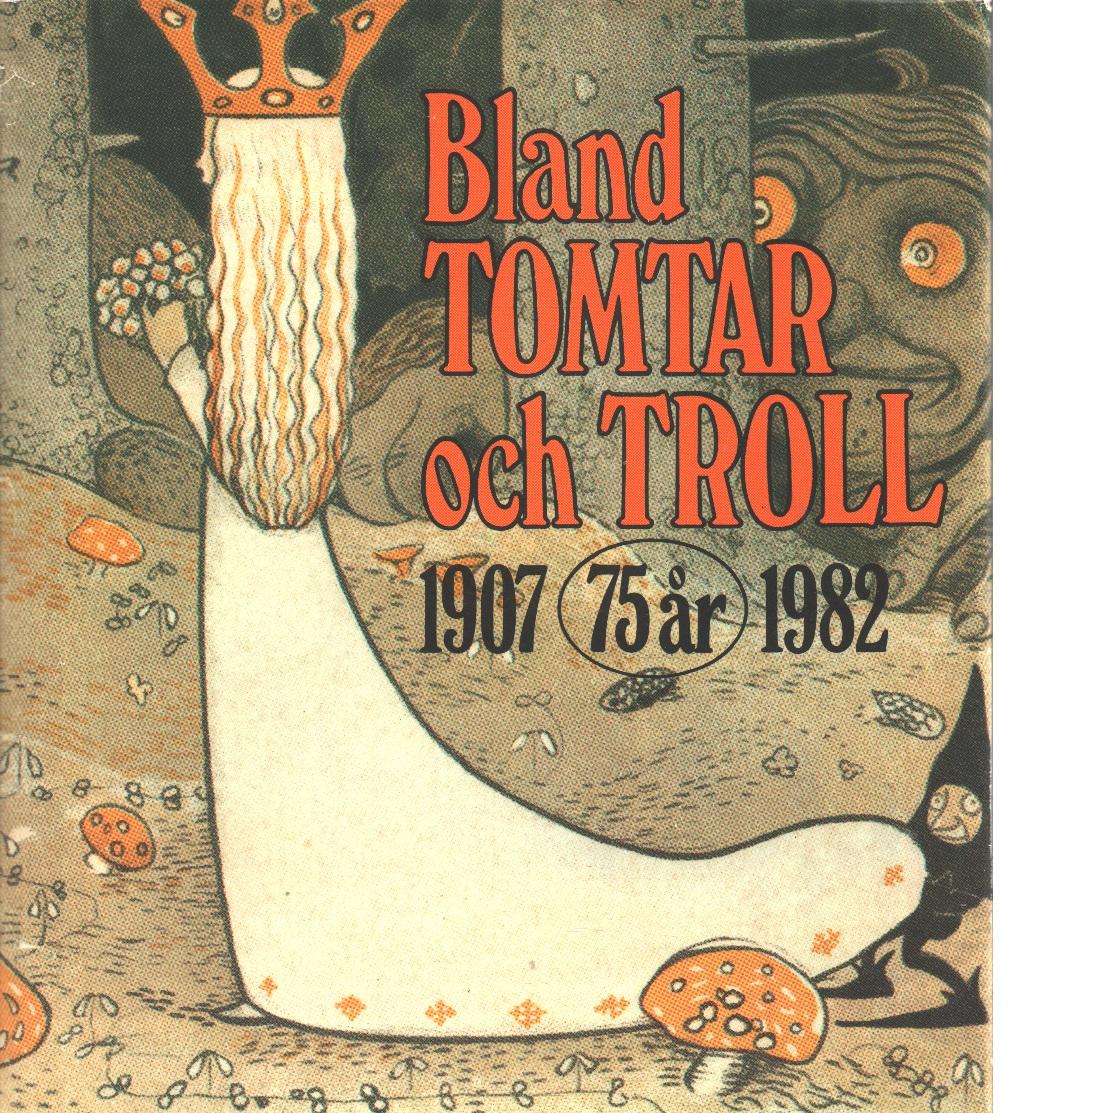 Bland tomtar och troll. Årg. 75, [75 år] 1907-1982 - Red. Bauer, John